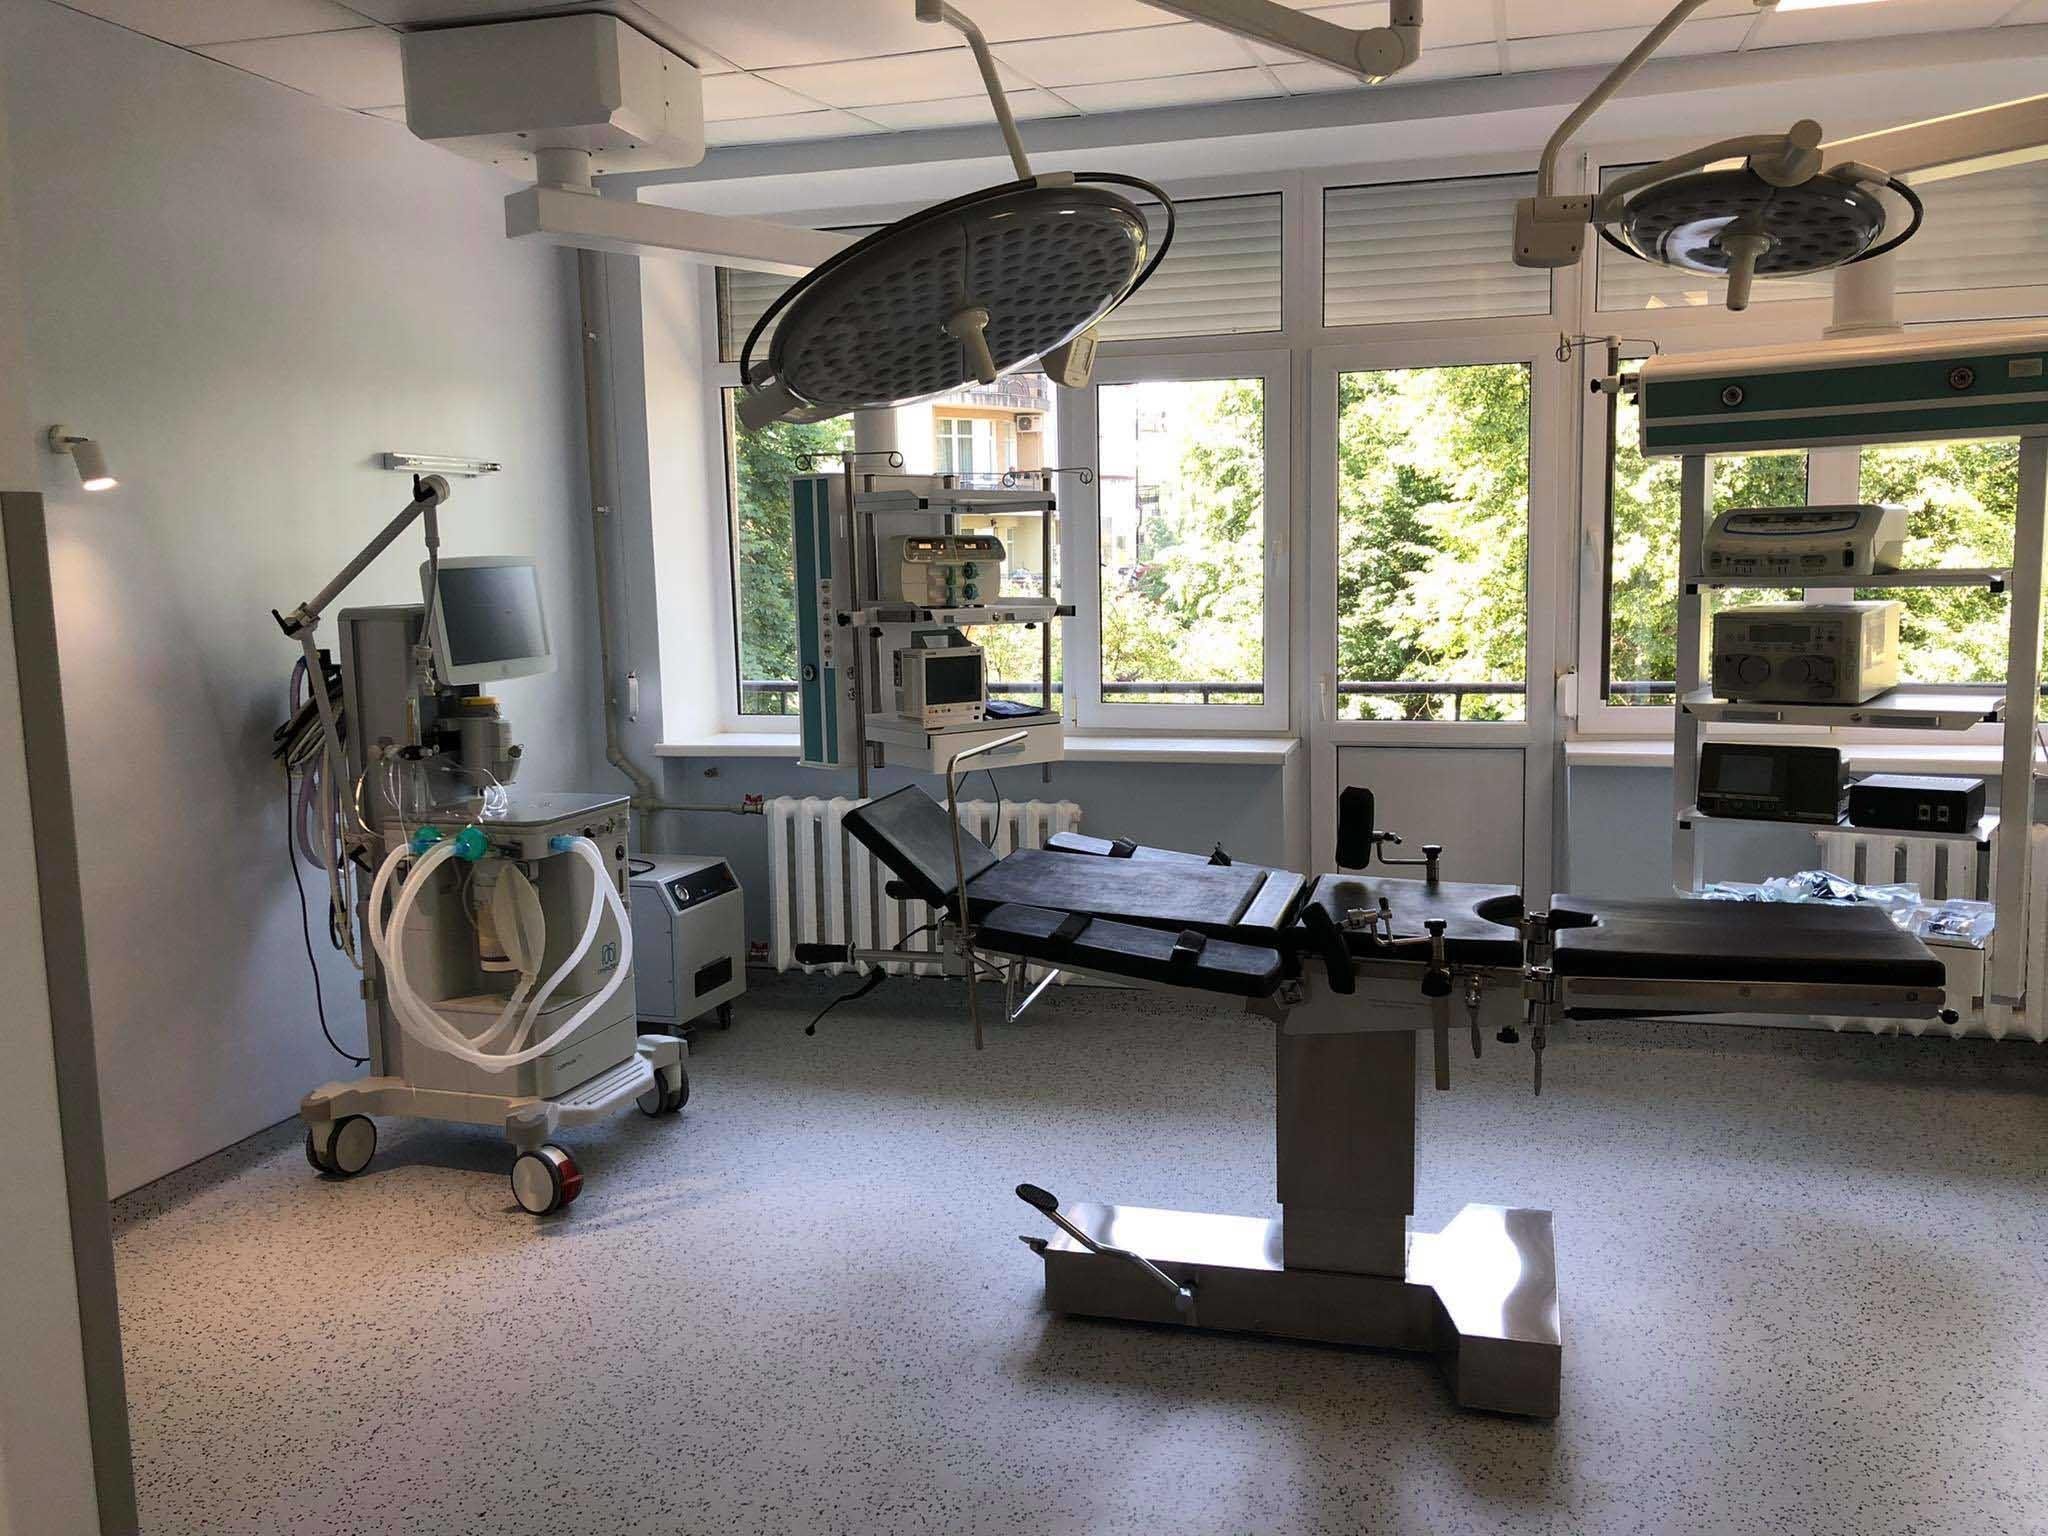 Якісне обладнання, комфортні умови та кваліфіковані фахівці: у лікарні на Мазепи відкрили нове відділення (ФОТО)